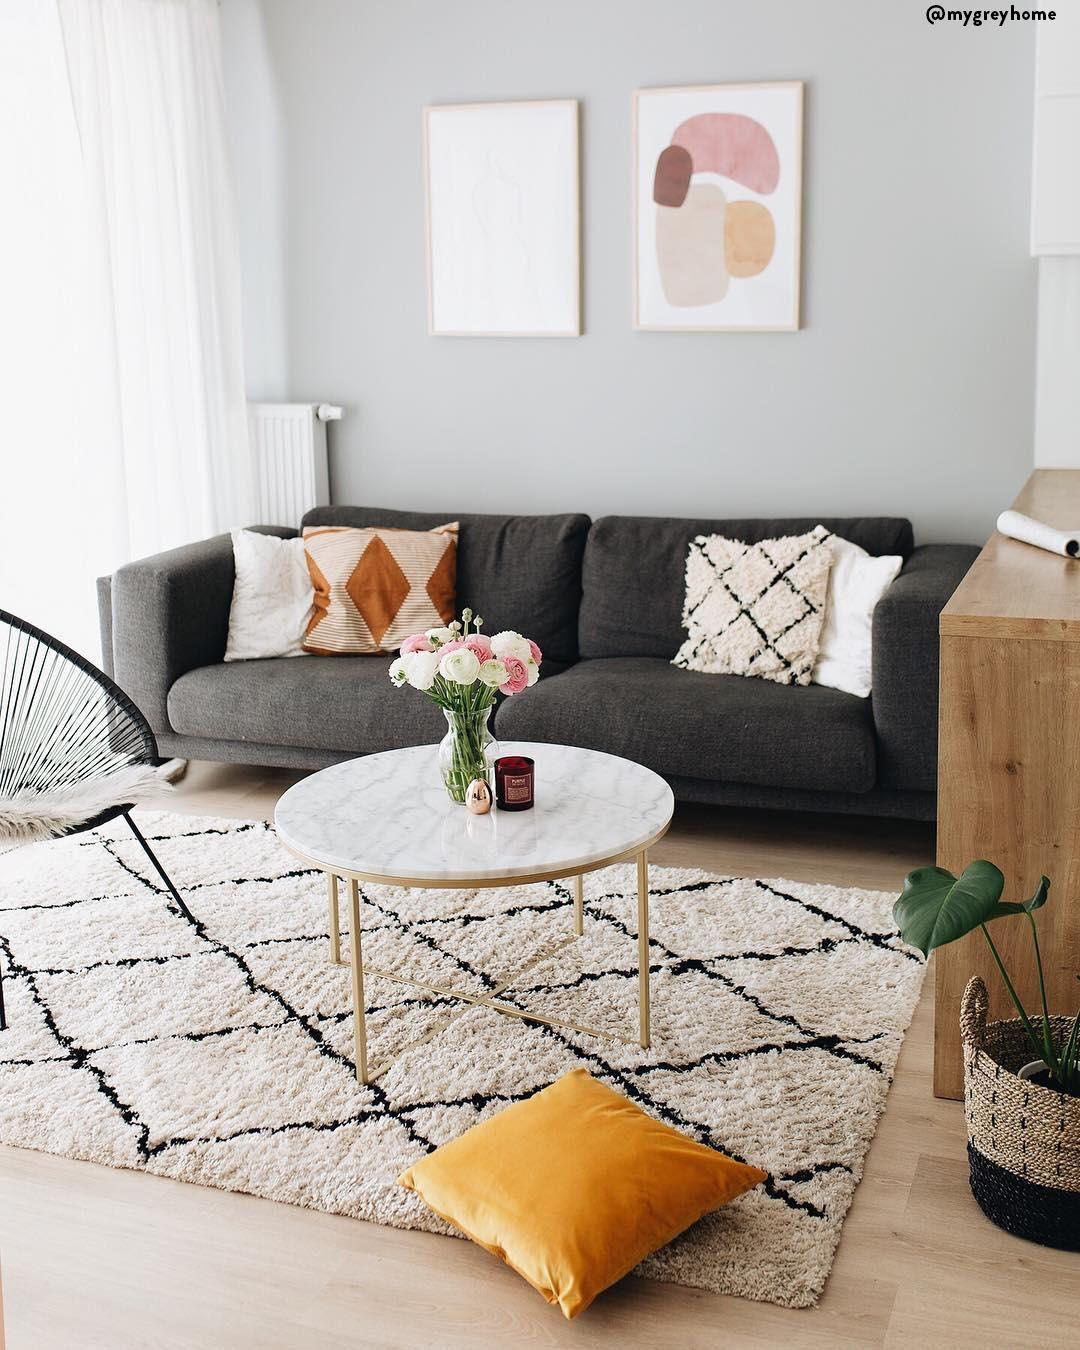 In questo salotto tutto è perfetto! Il divano comodissimo